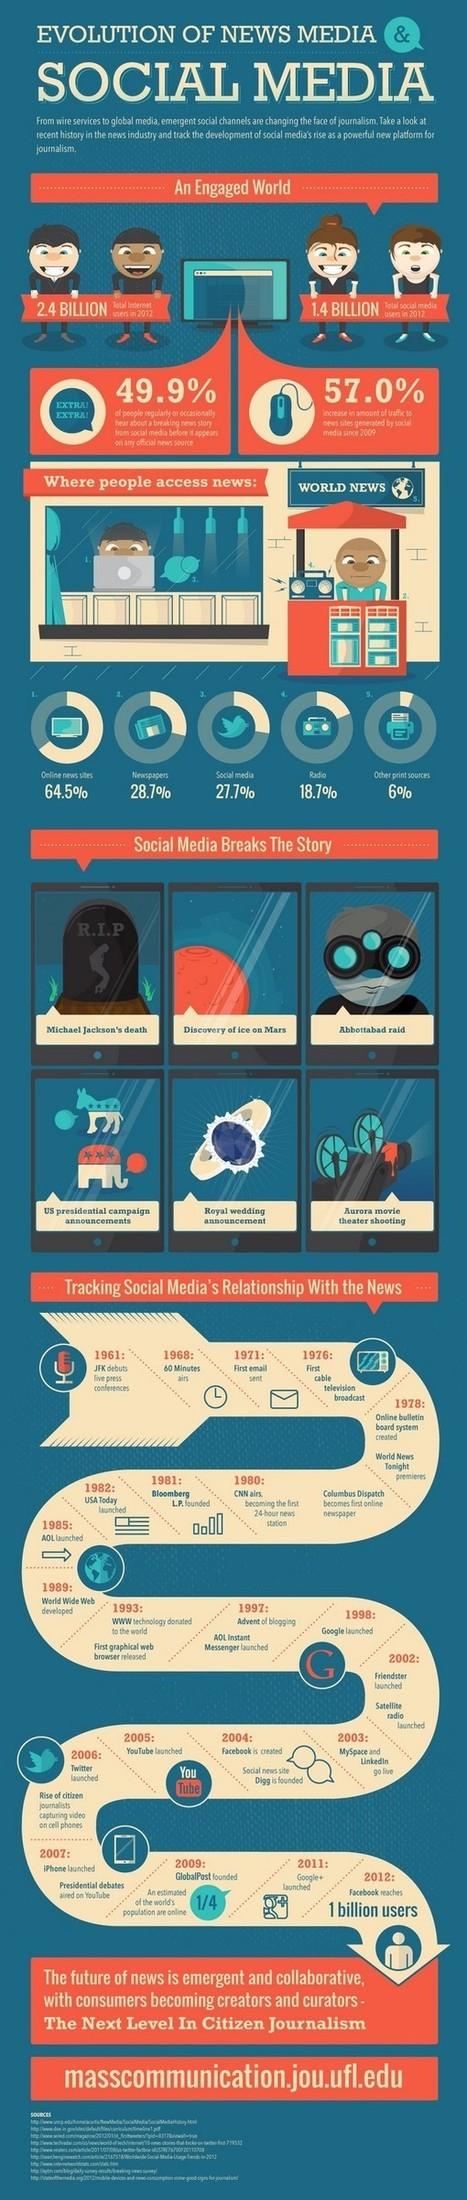 Le nouveau journalisme passe par les réseaux sociaux [Infographie] | Communication | Scoop.it